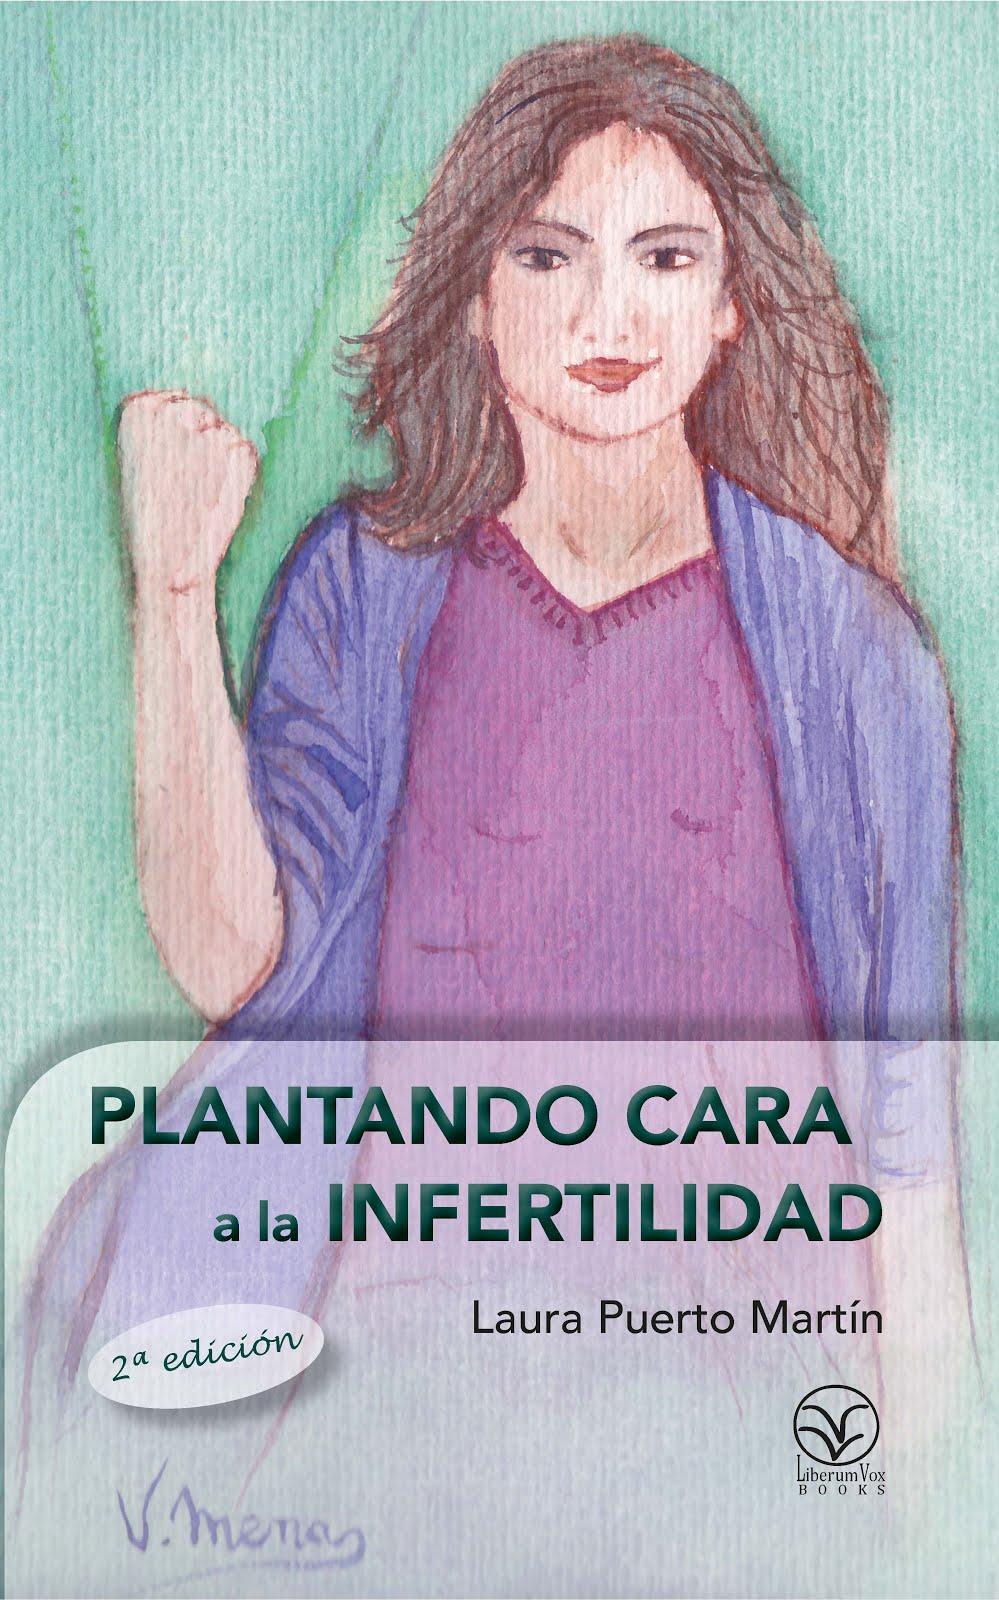 Plantando cara a la infertilidad